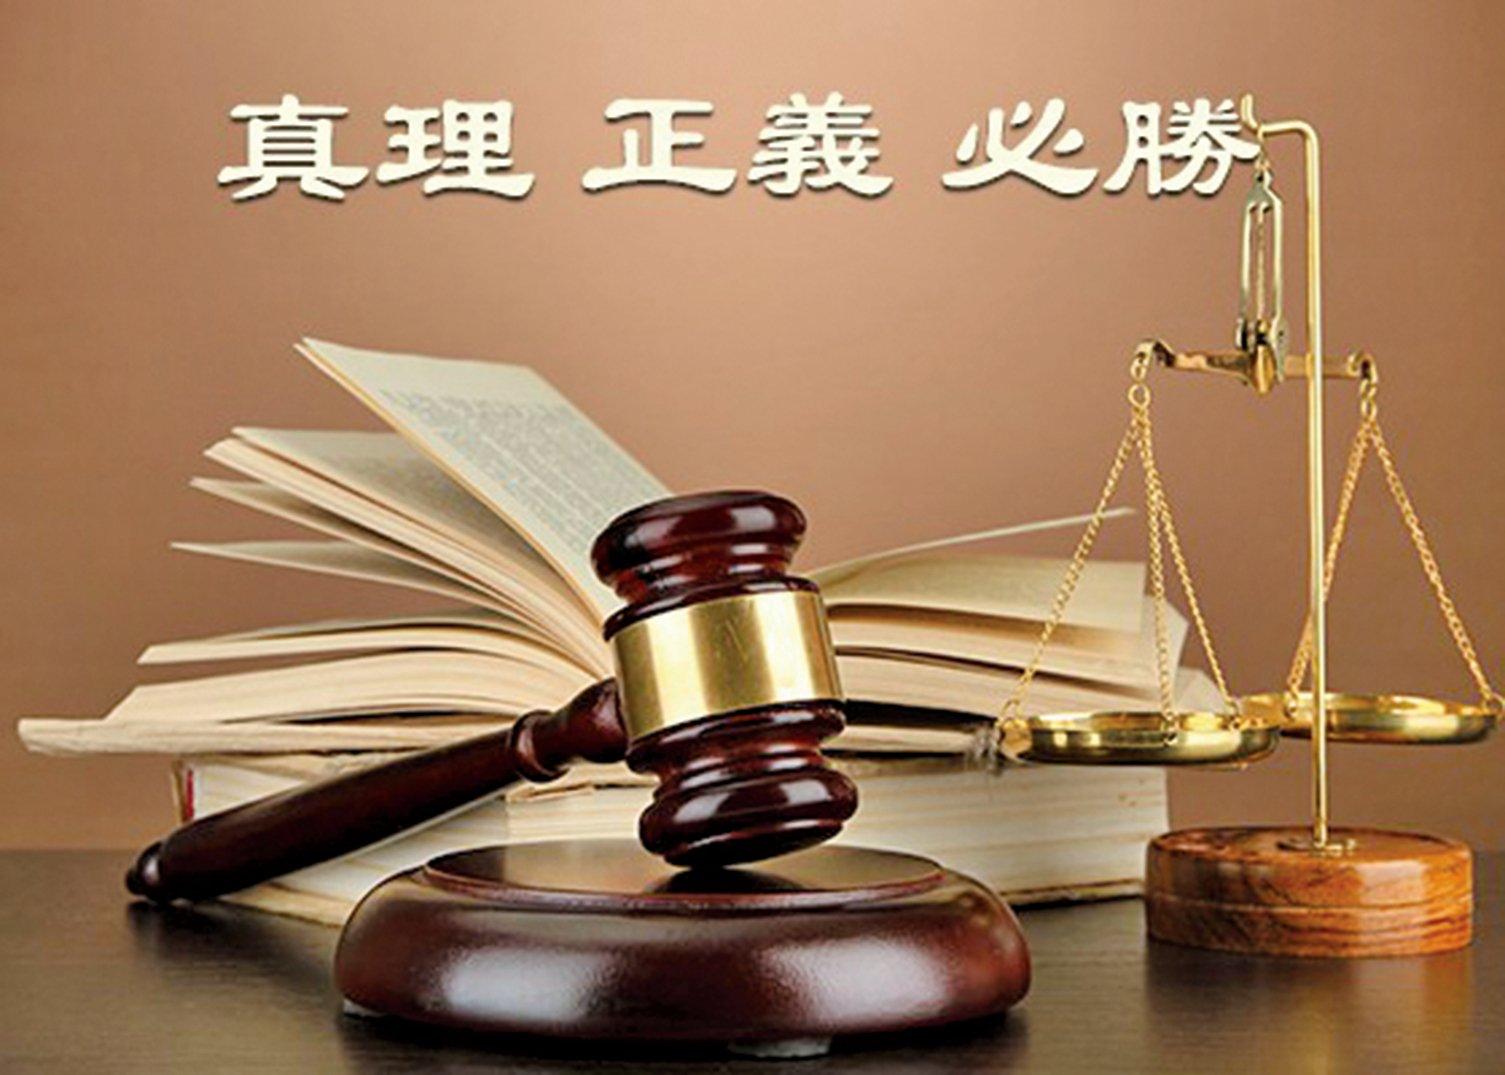 2019年11月18日,黑龍江省綏化市肇東五站鎮楊學文等四名法輪功學員及他們的律師在非法庭審中做了無罪辯護。(明慧網)